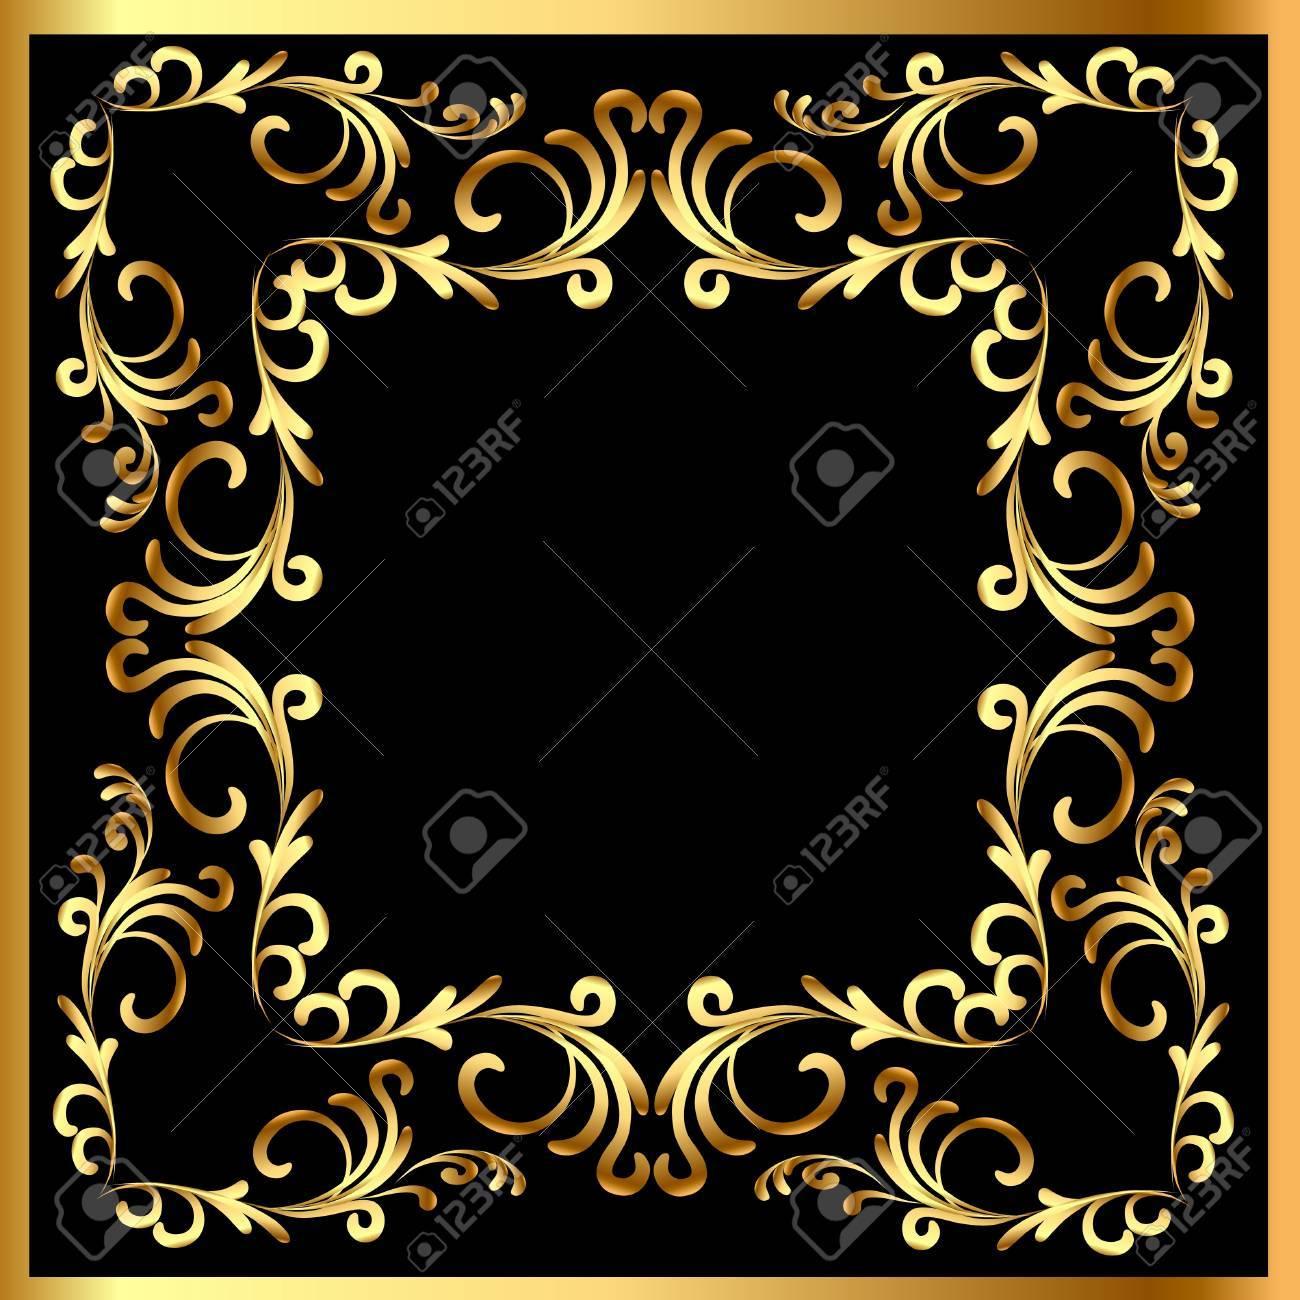 illustration background frame with vegetable gold(en) pattern Stock Vector - 11016563